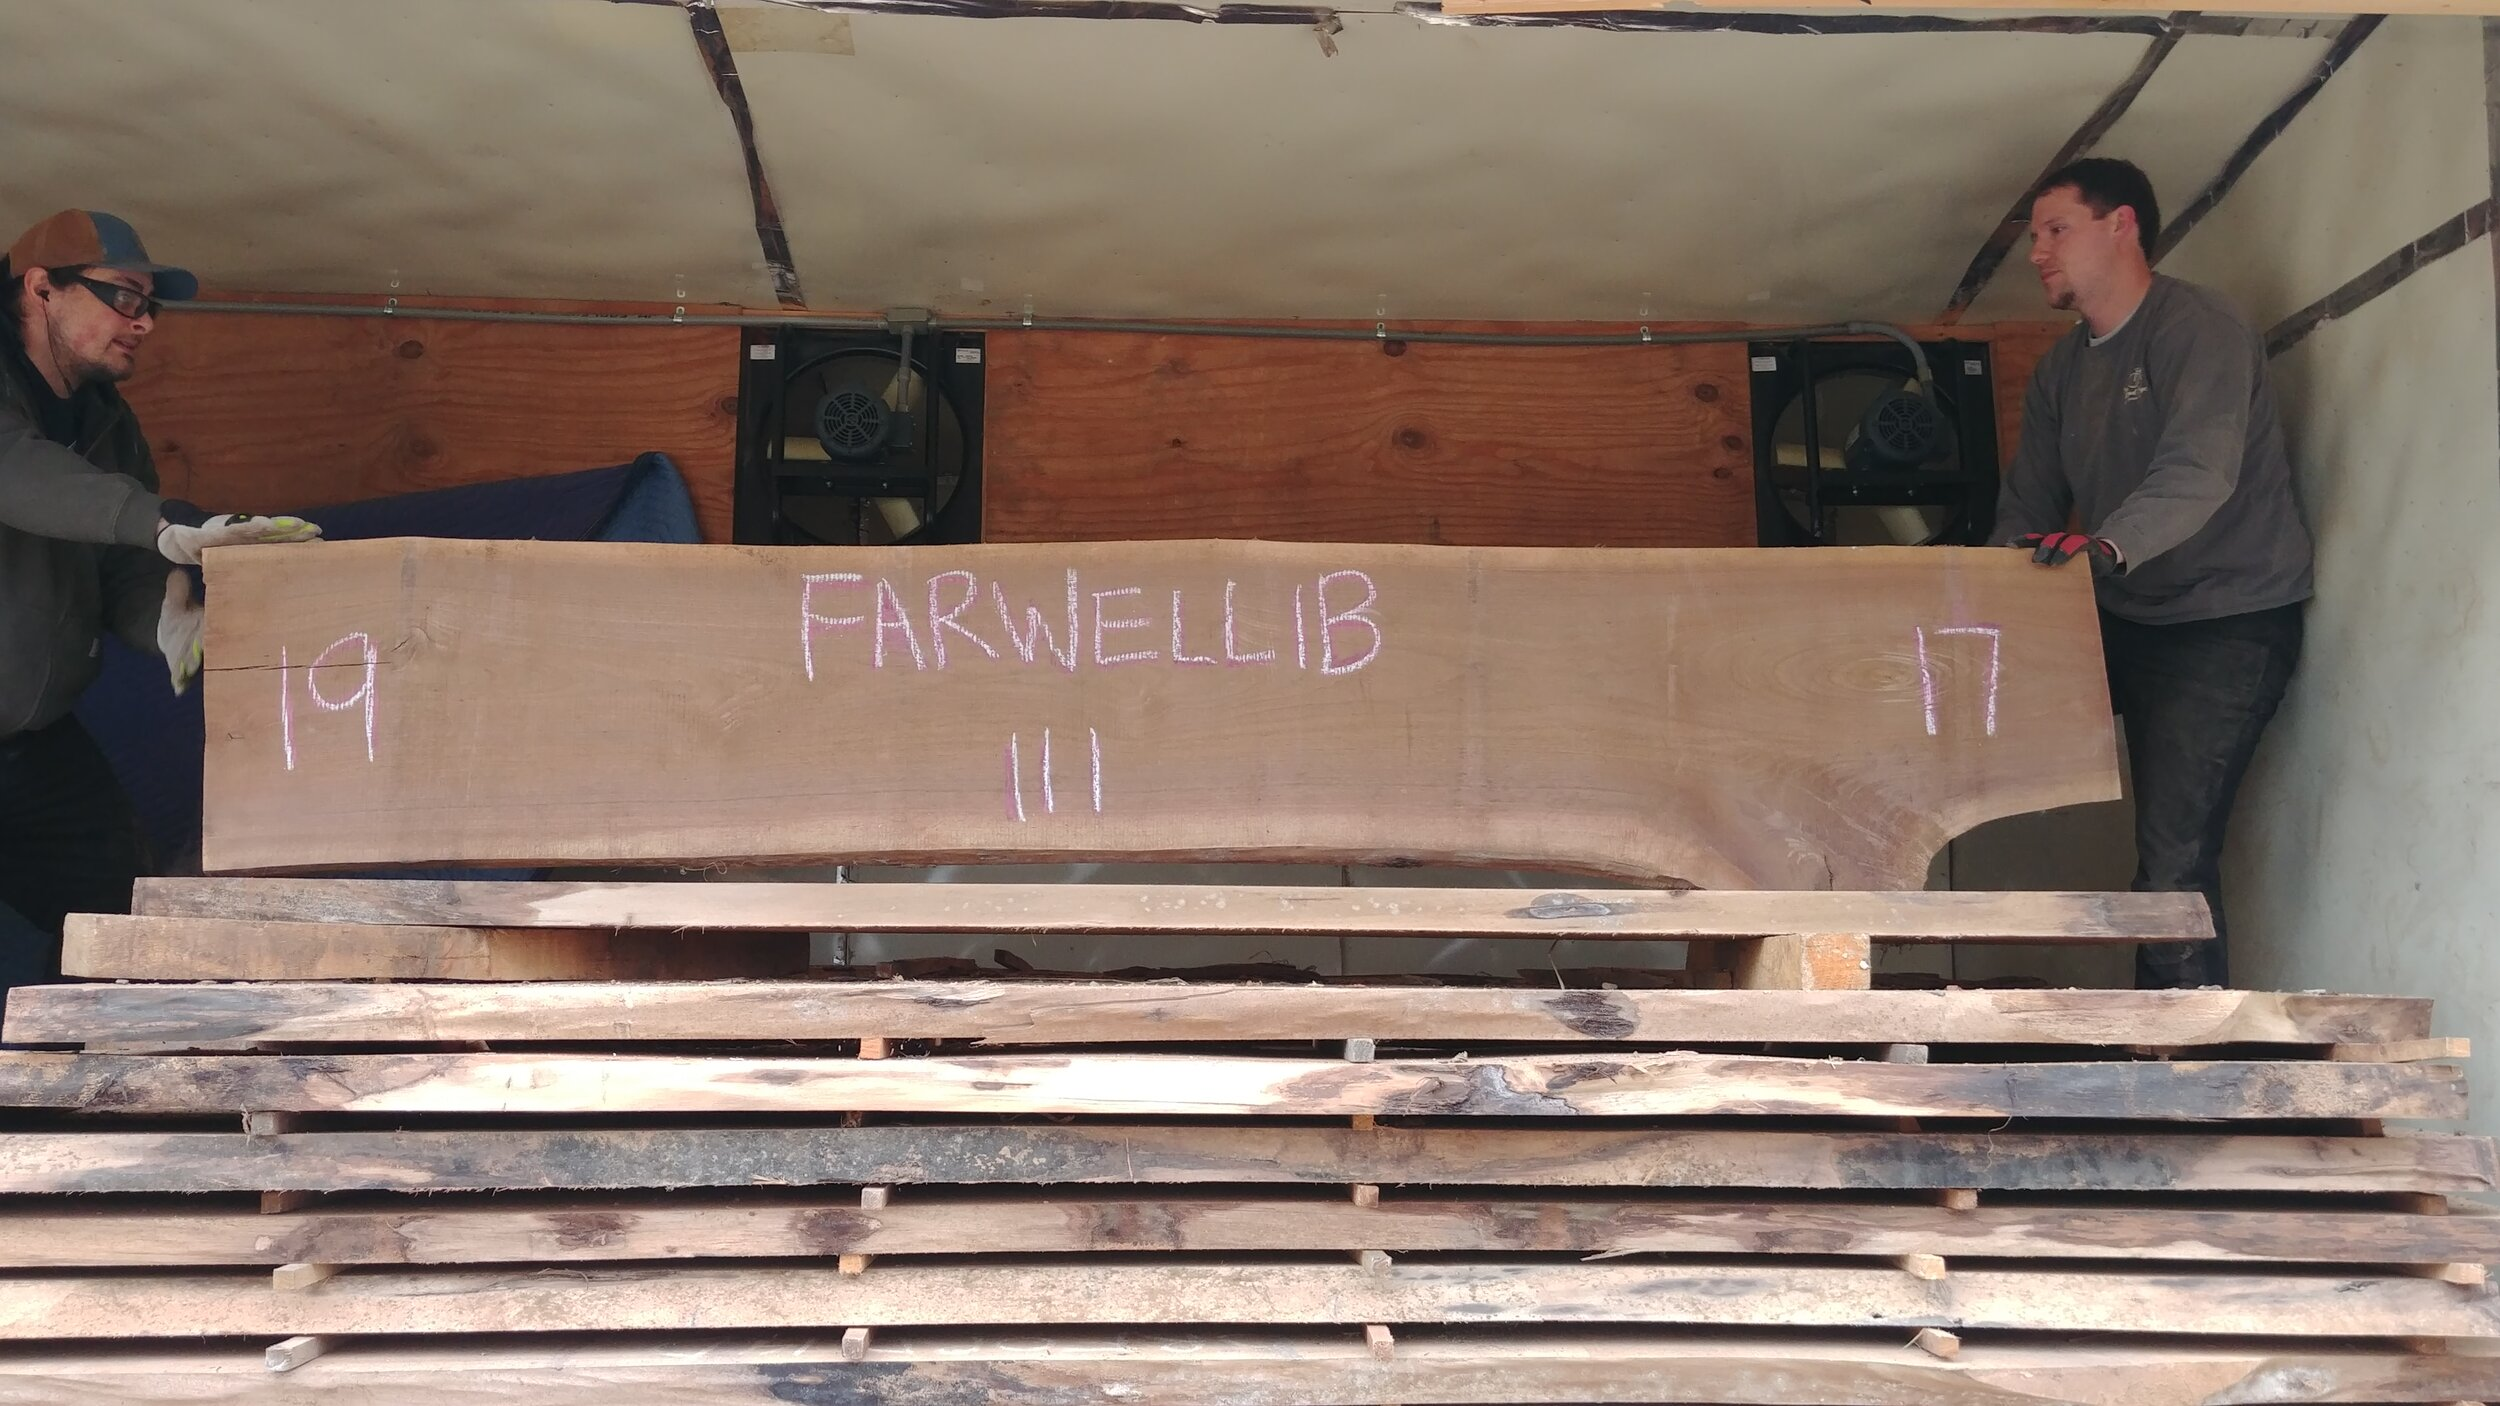 Farwell 1B.jpg